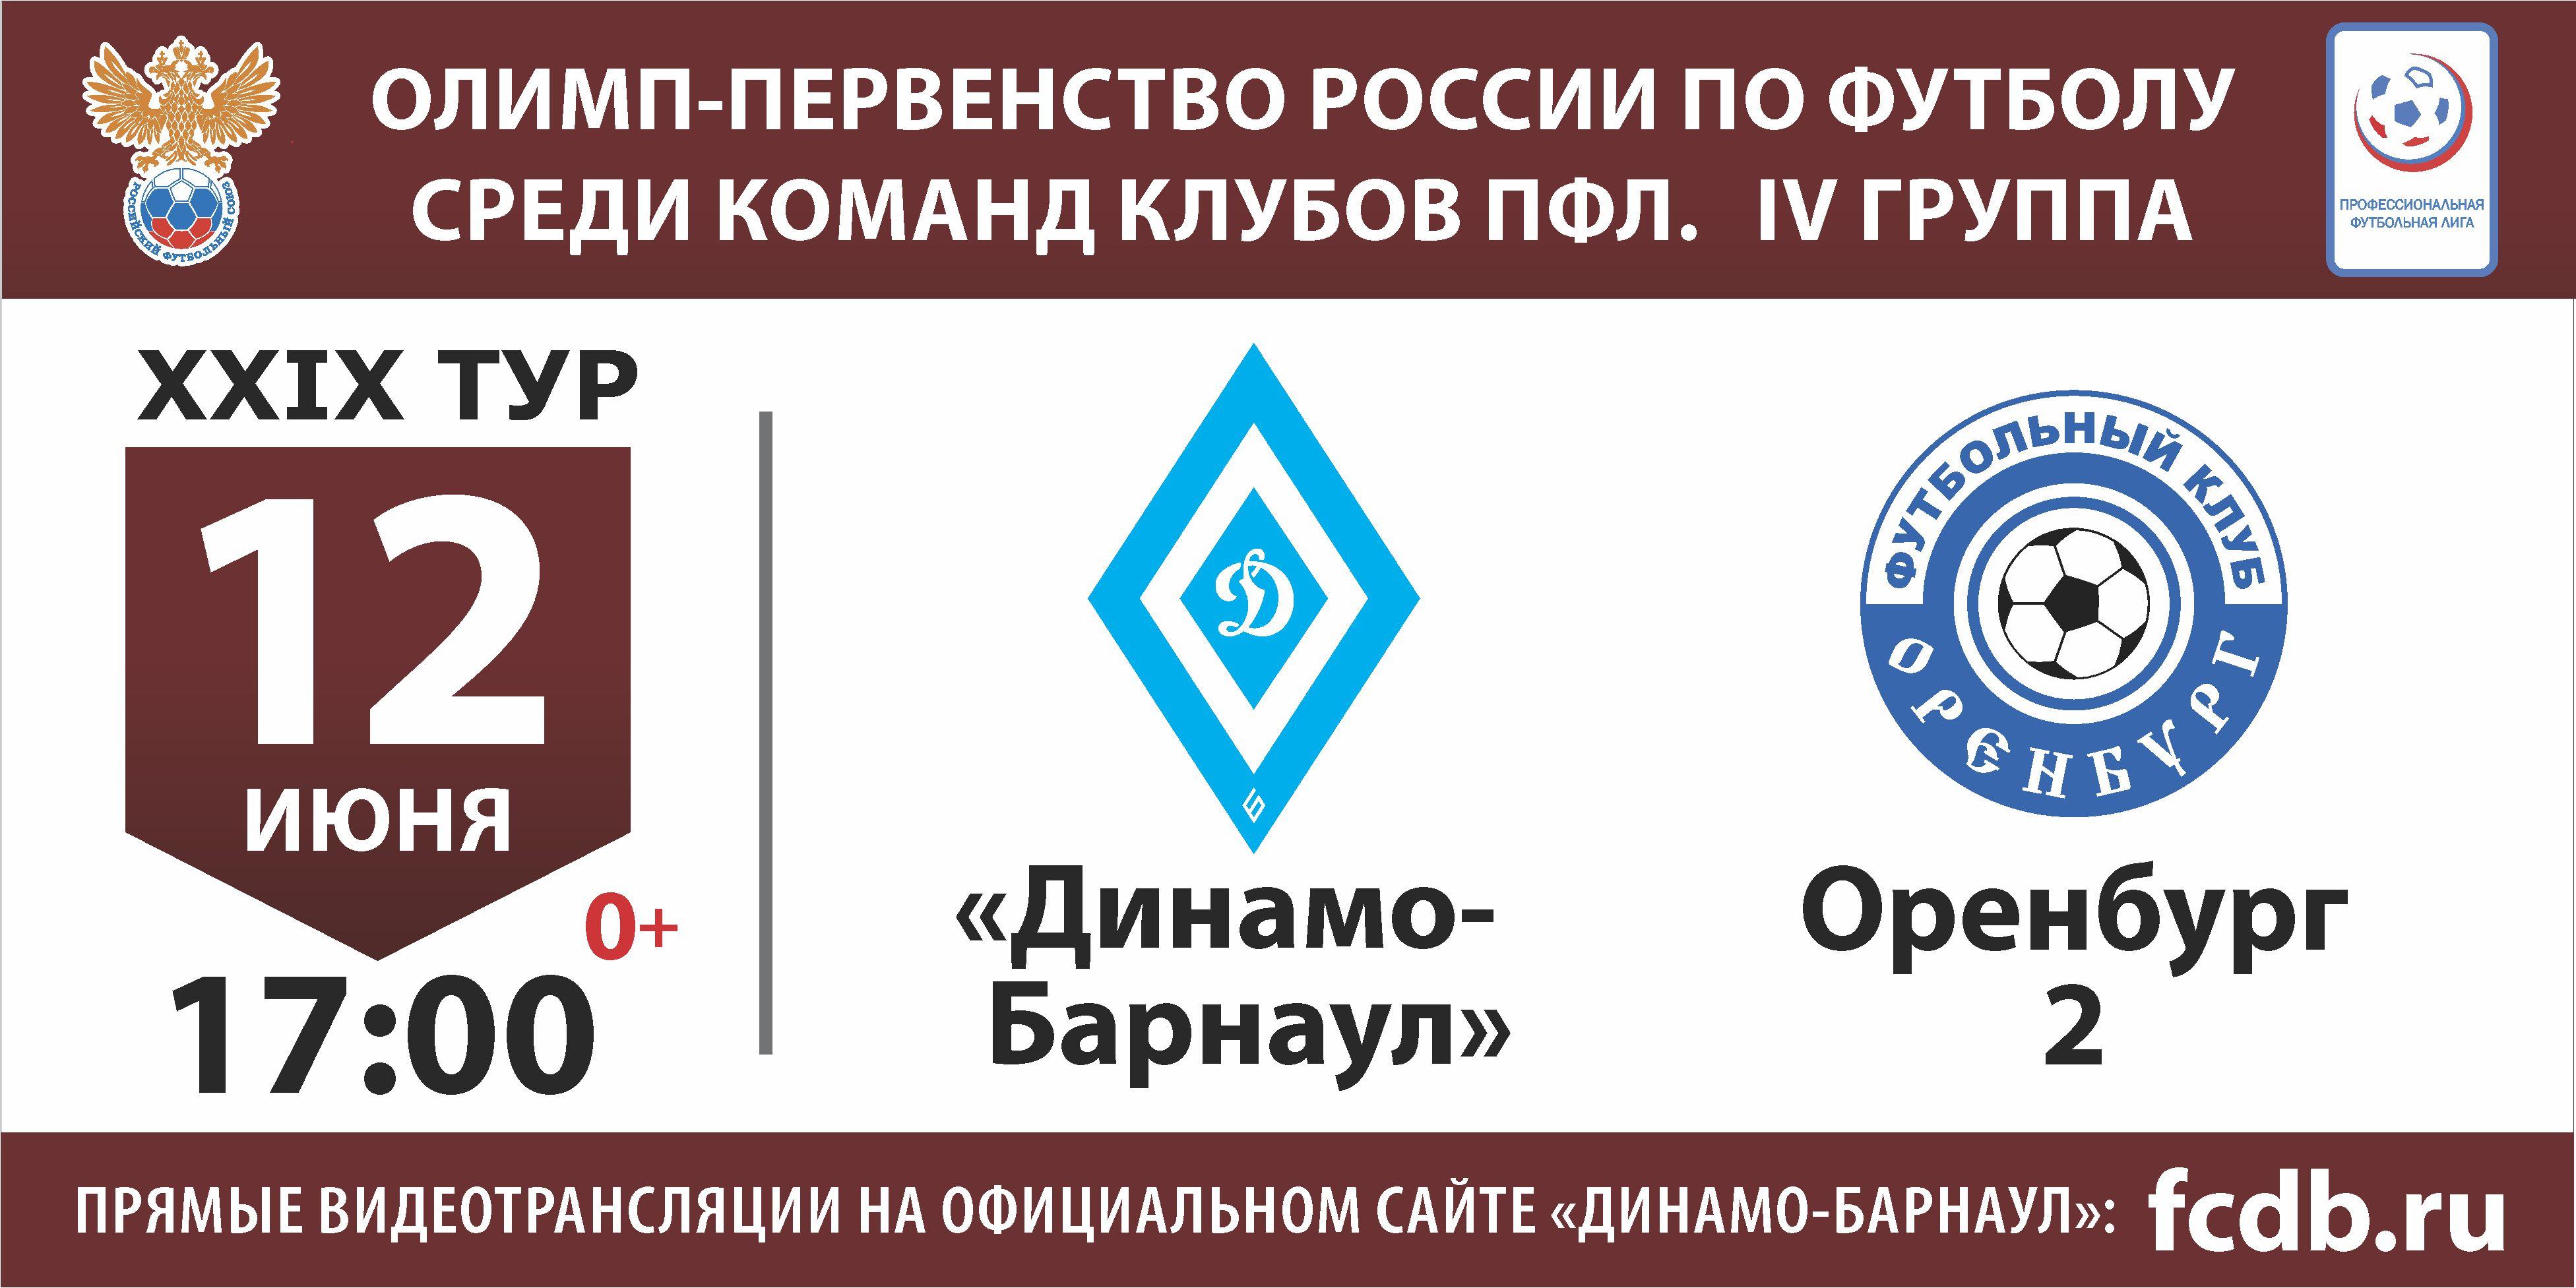 ДИНАМО ОРИЕНБУРГ-2 _12 ИЮНЯ_3Х6